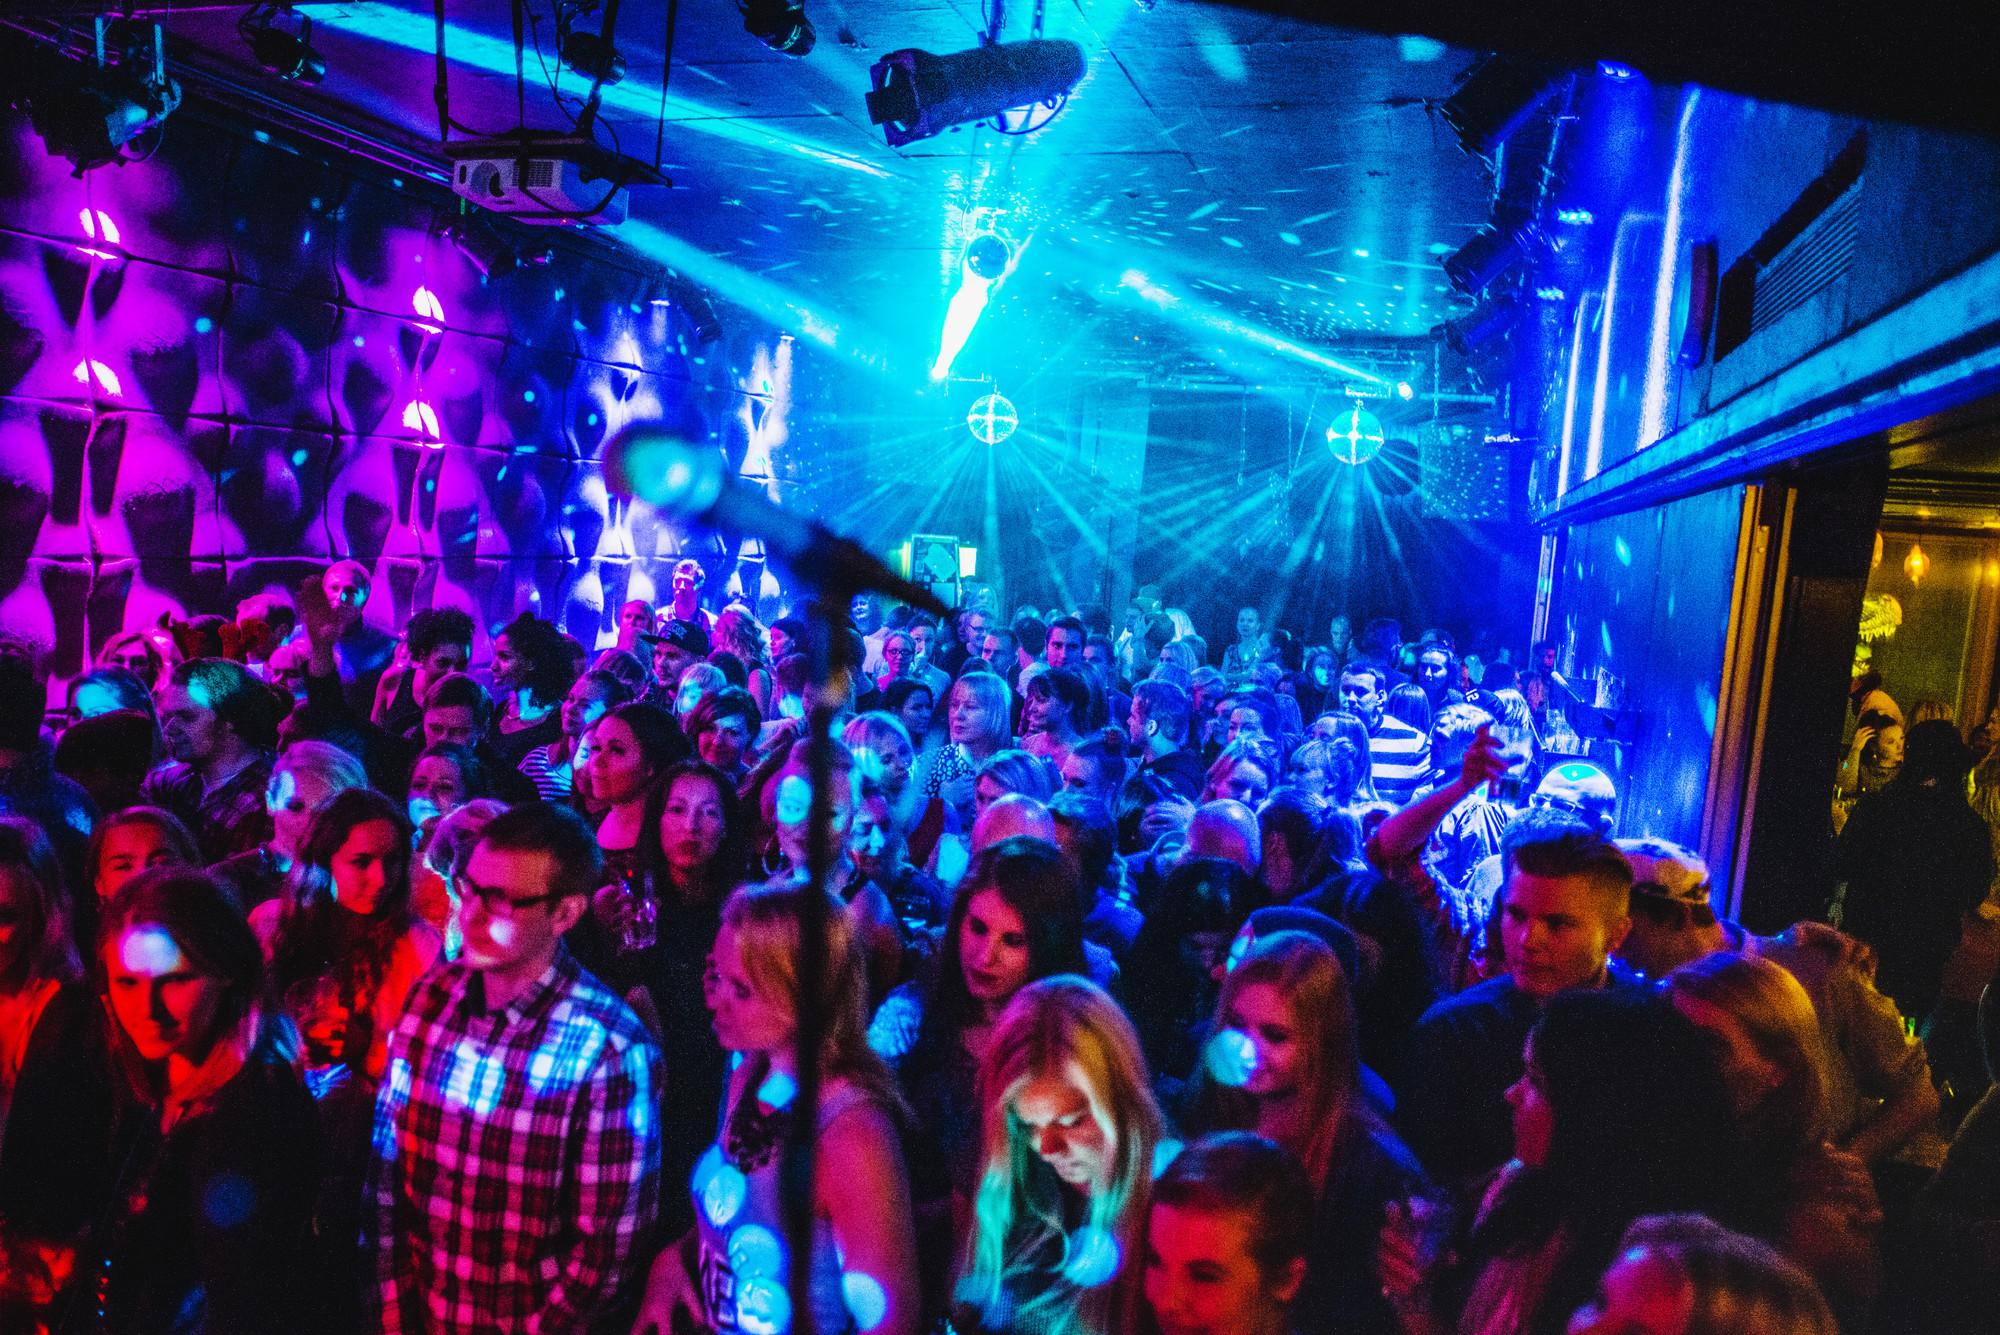 Самый лучший ночных клубов мира смотреть бесплатно мужской клуб